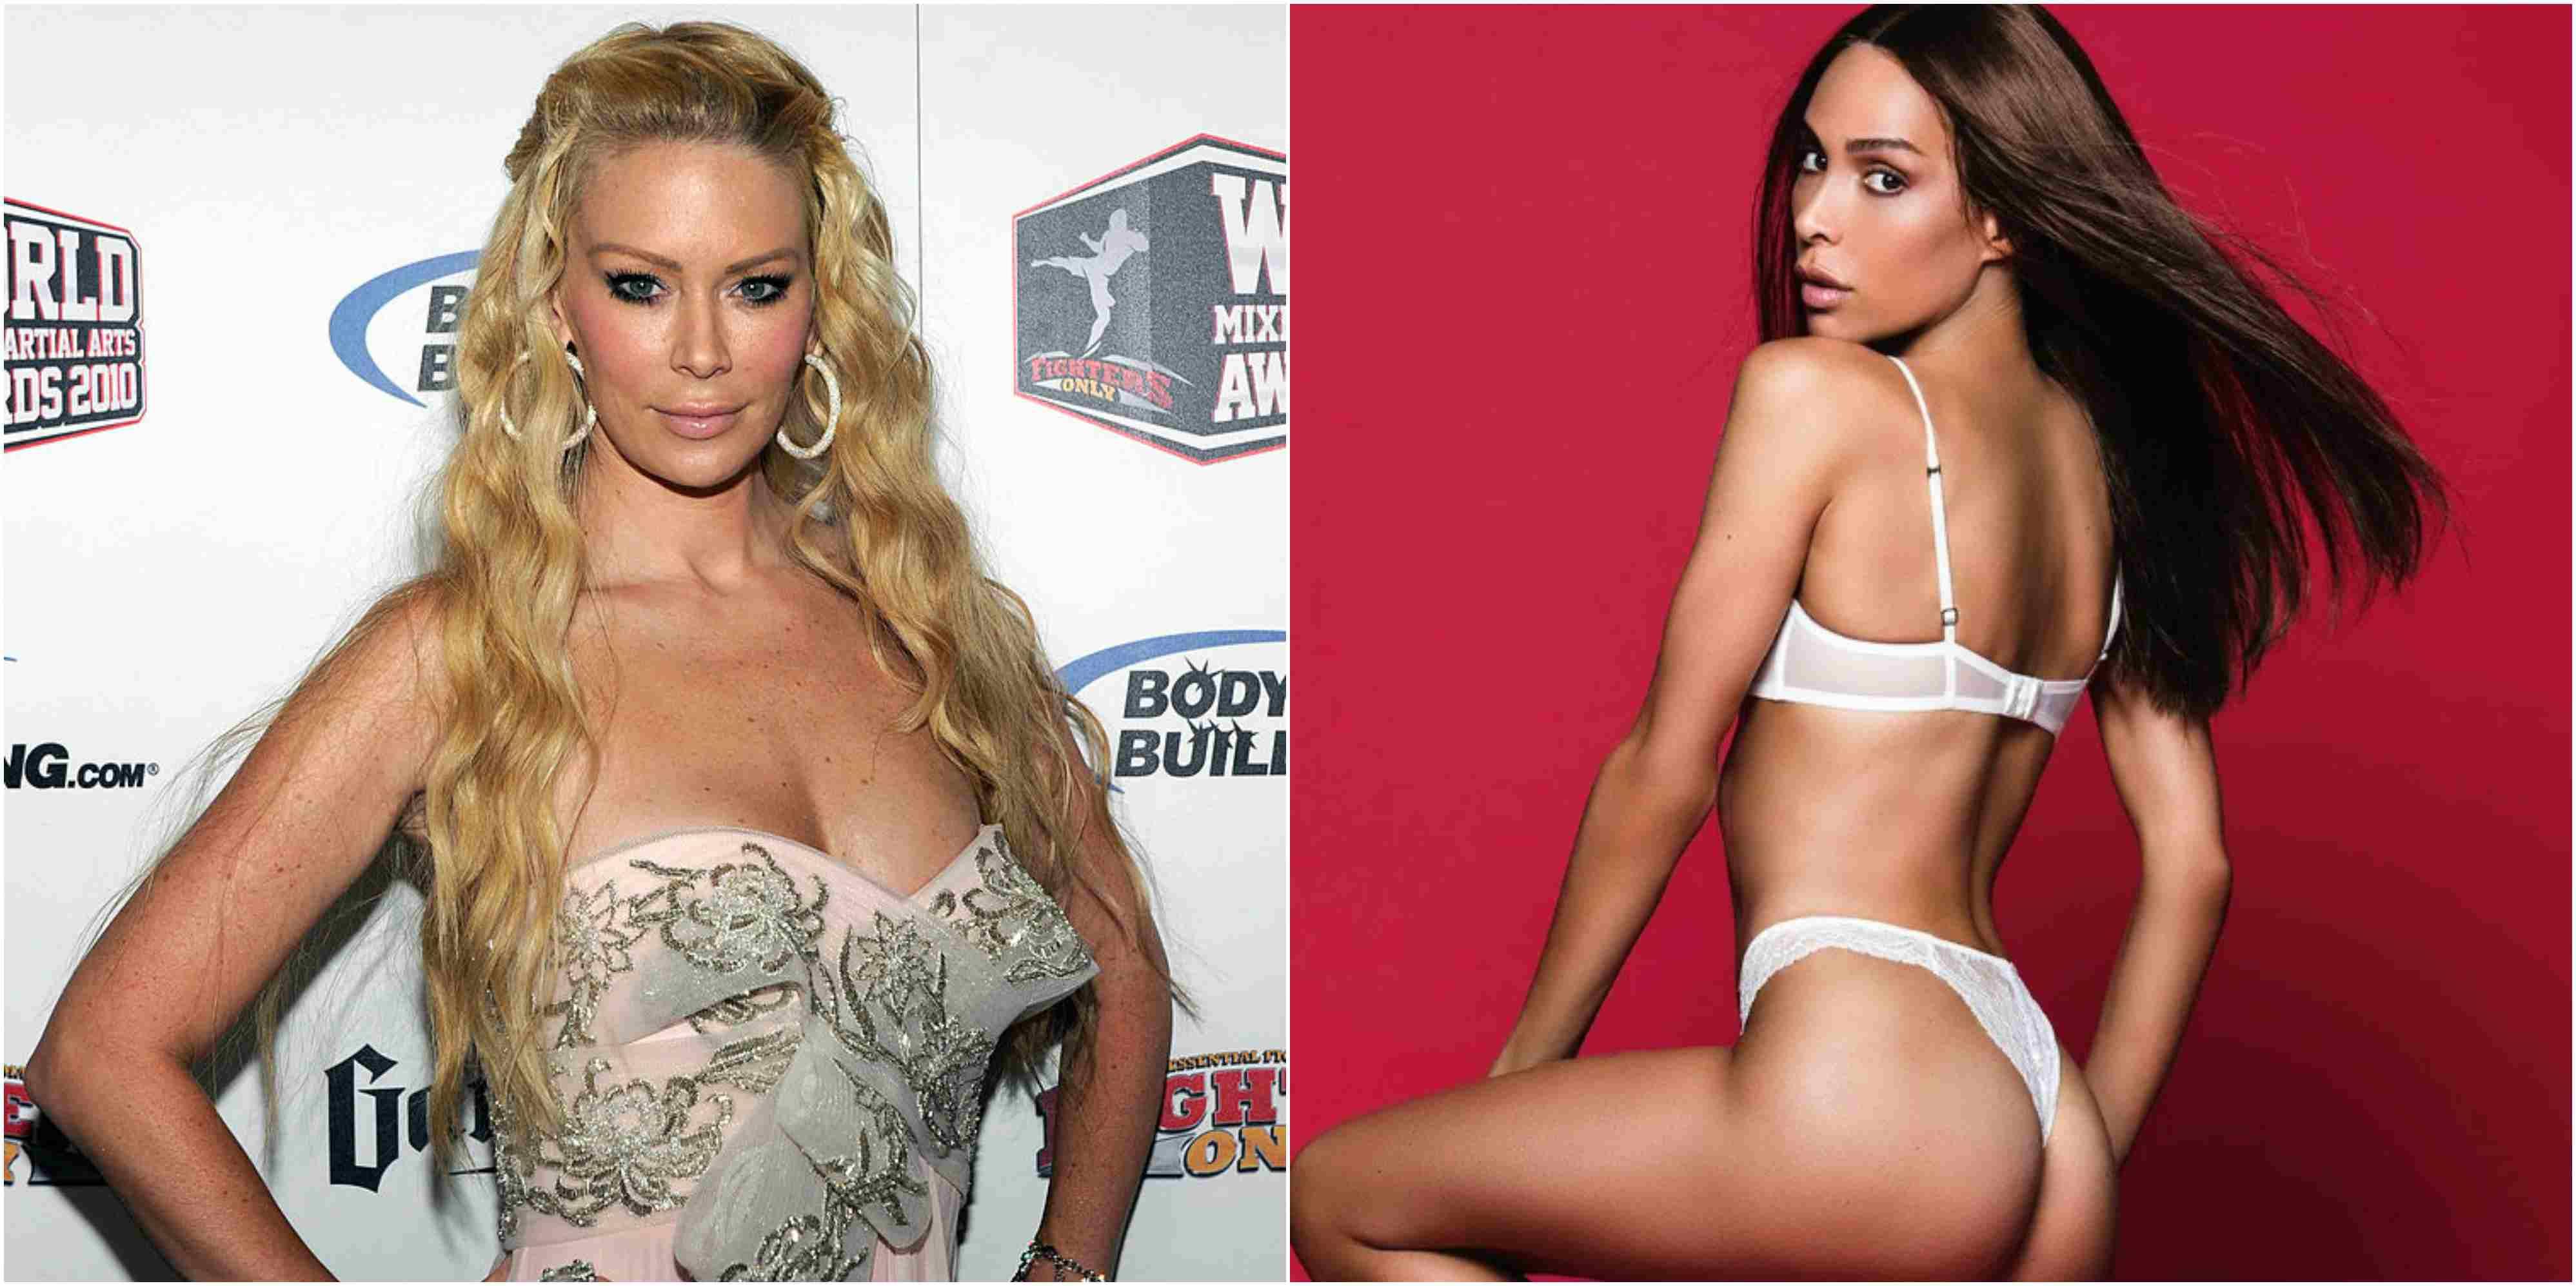 Mejor Playmate Del Mundo Porno actriz porno jenna jameson critica elección de primera